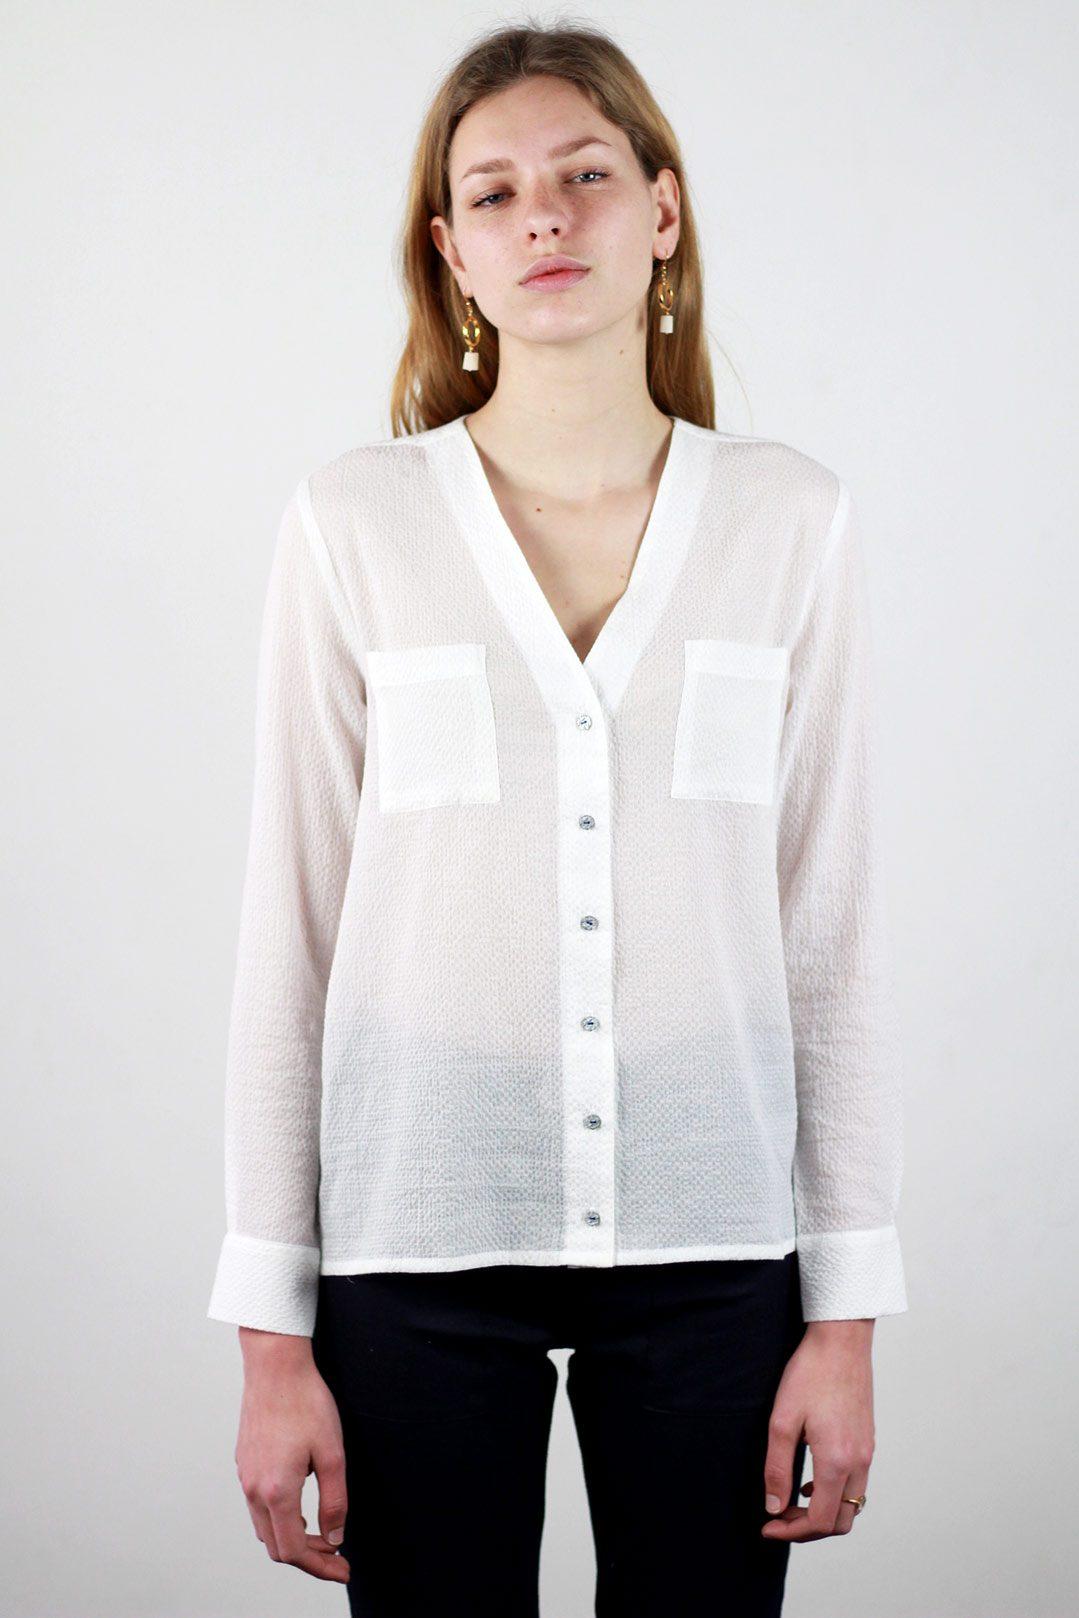 code promo très convoité gamme de économies fantastiques Chemisier blanc femme chic en coton Stéphanie | ATODE